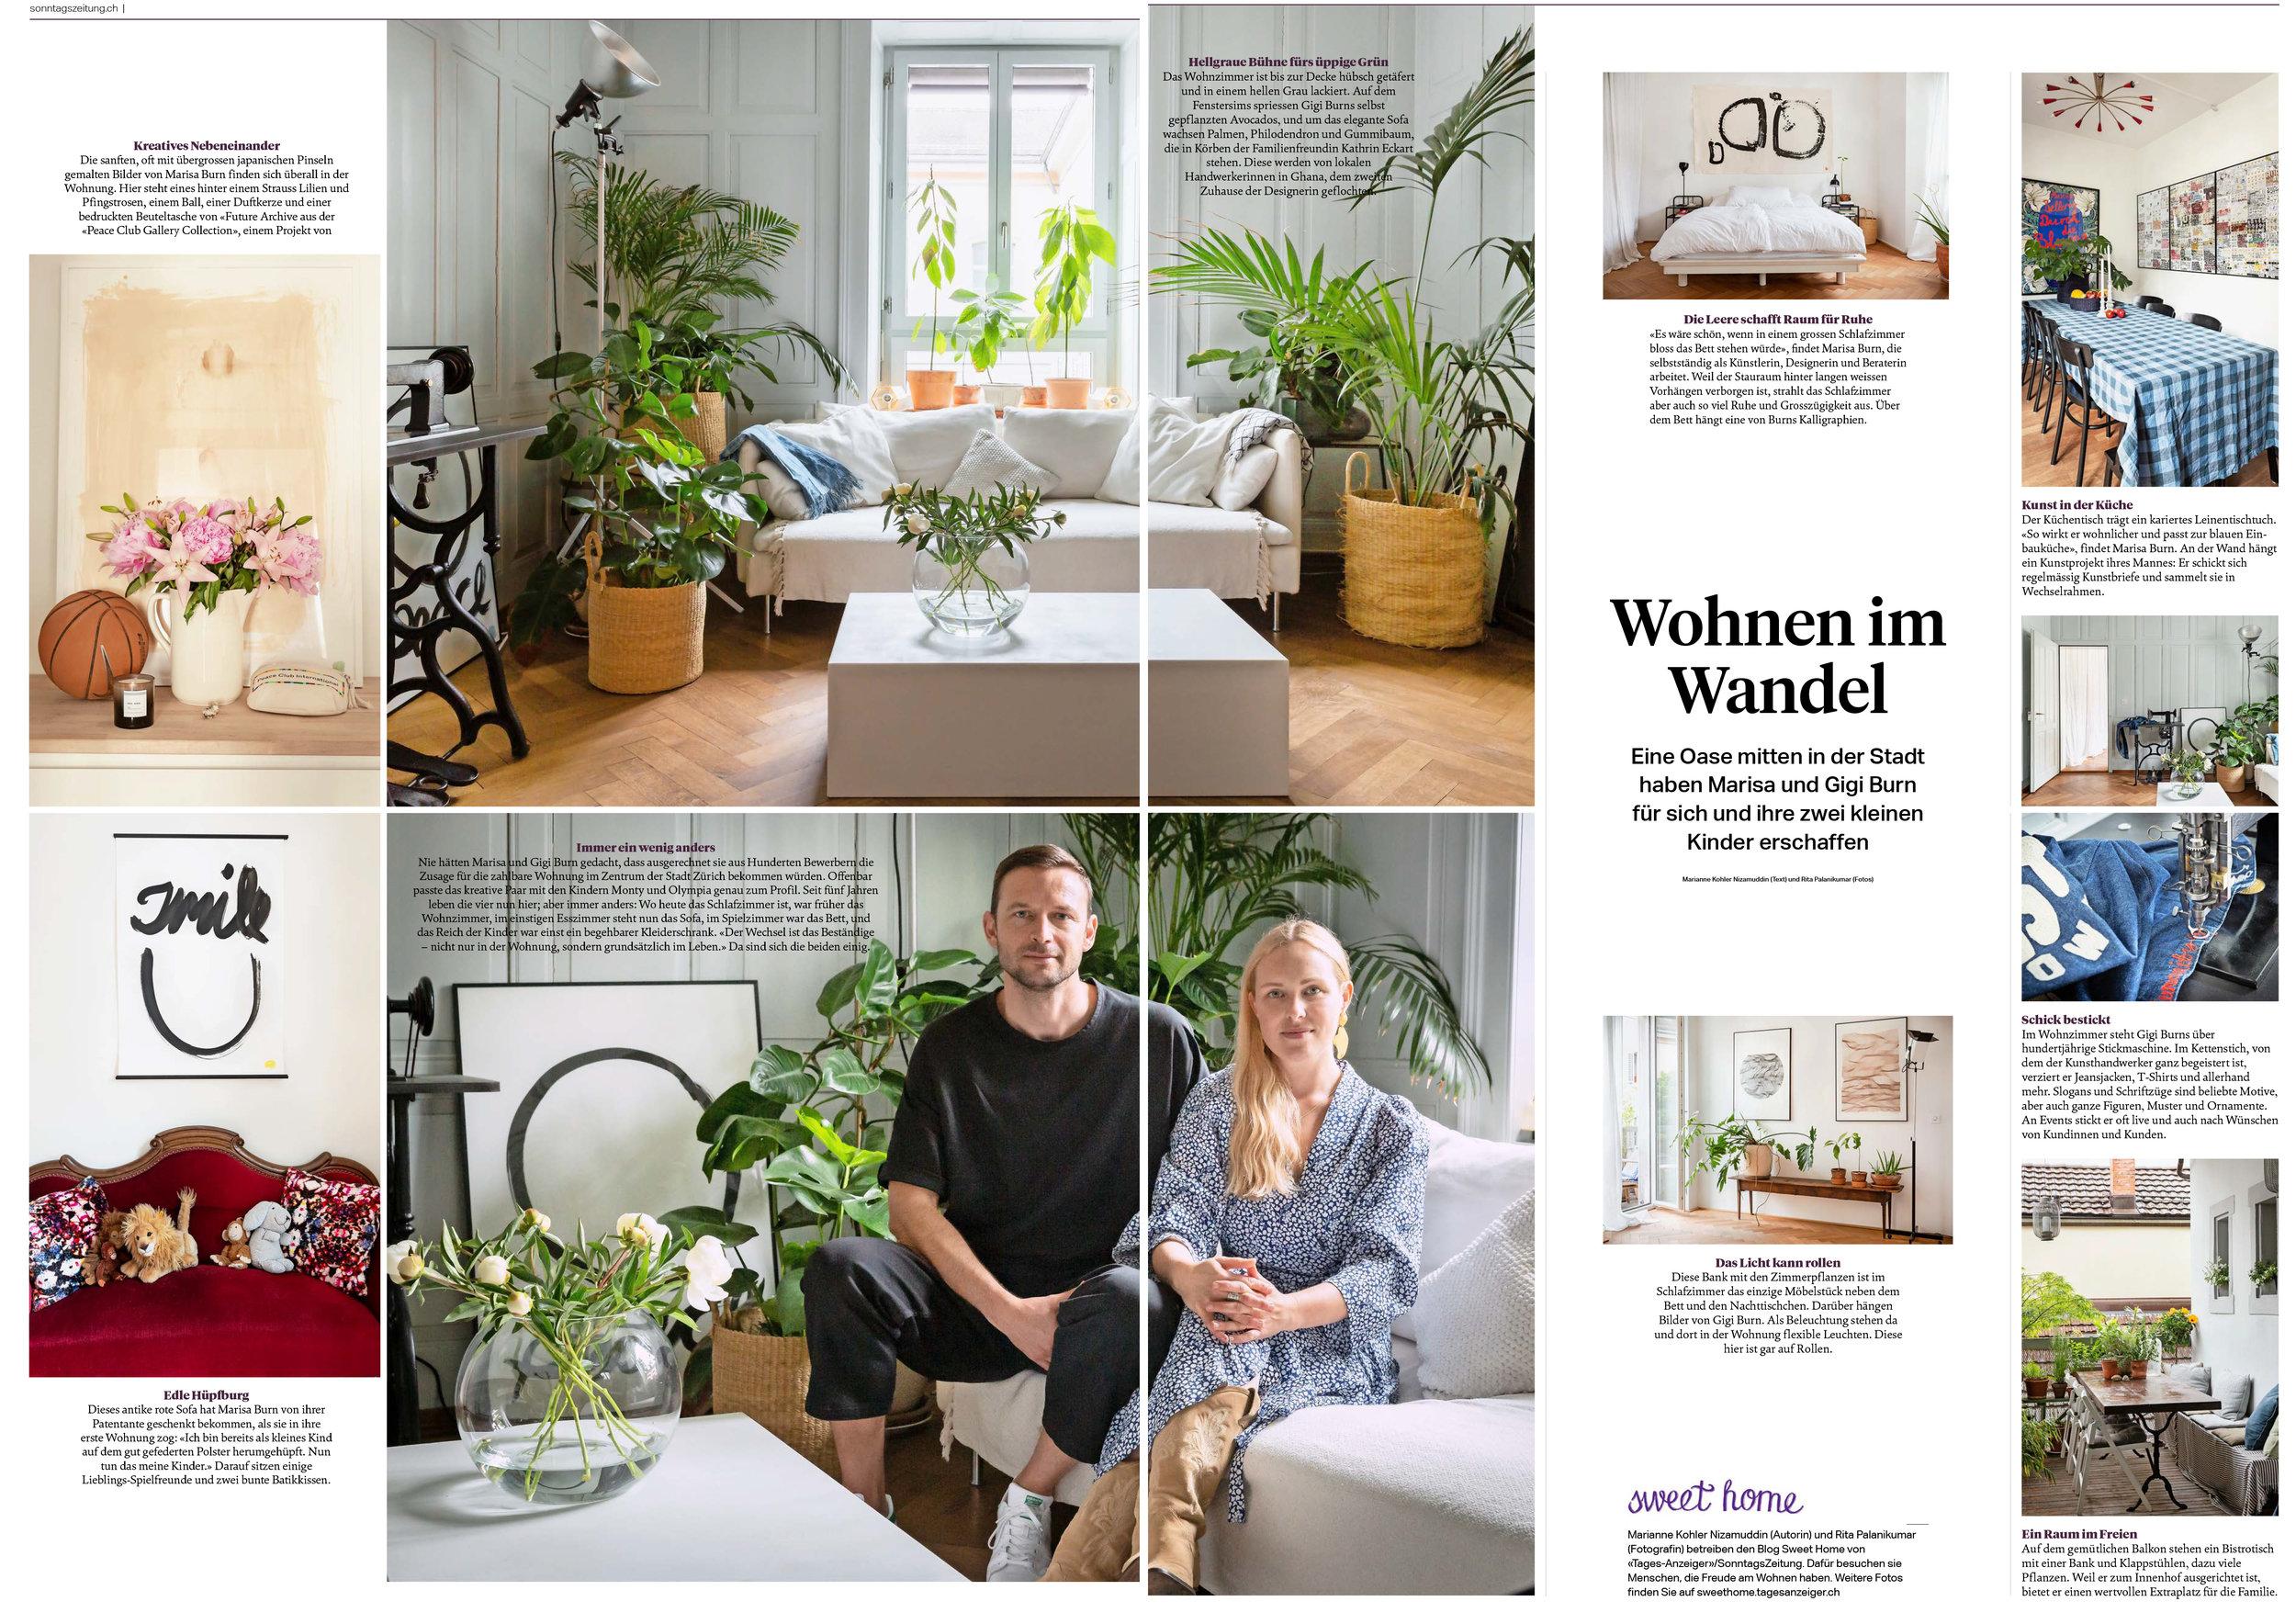 homestory_sonntagszeitung_burnp.jpg